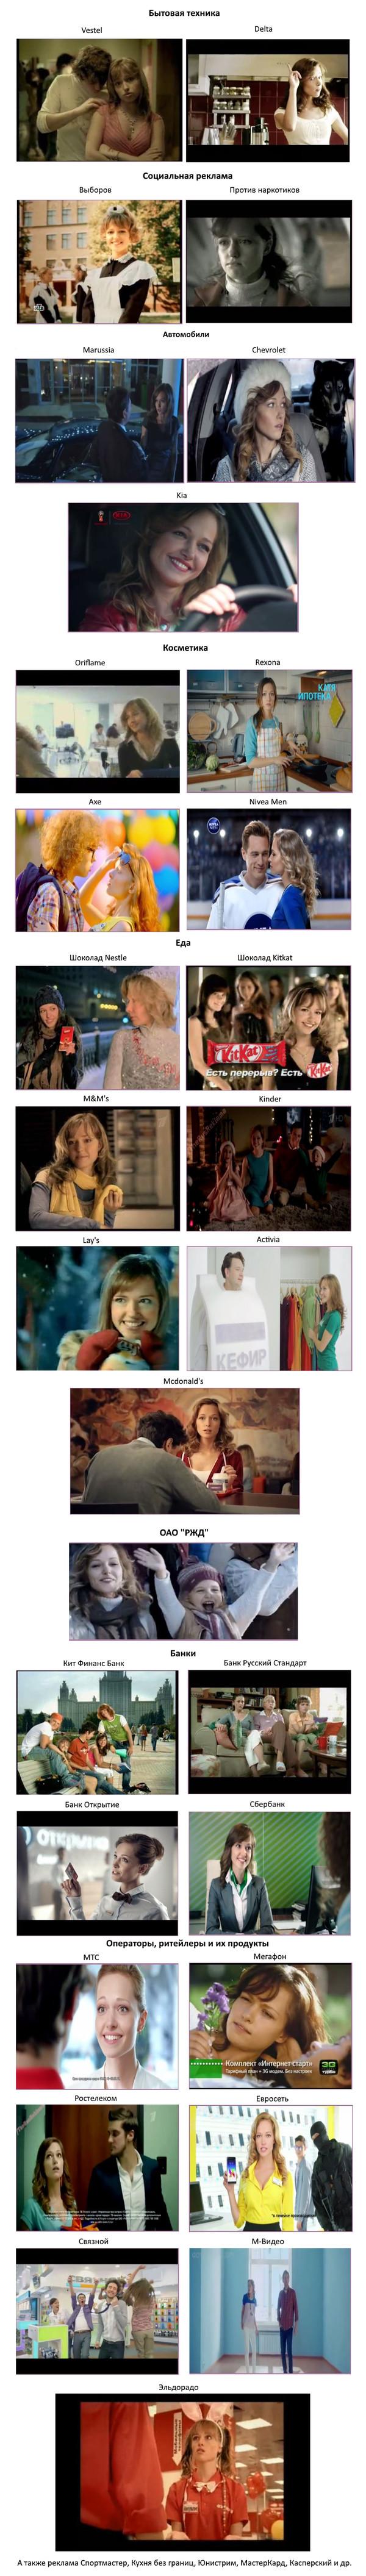 Кажется, эта девушка, чье лицо мы никак не можем запомнить, снялась в рекламе ВСЕГО (4 фото)